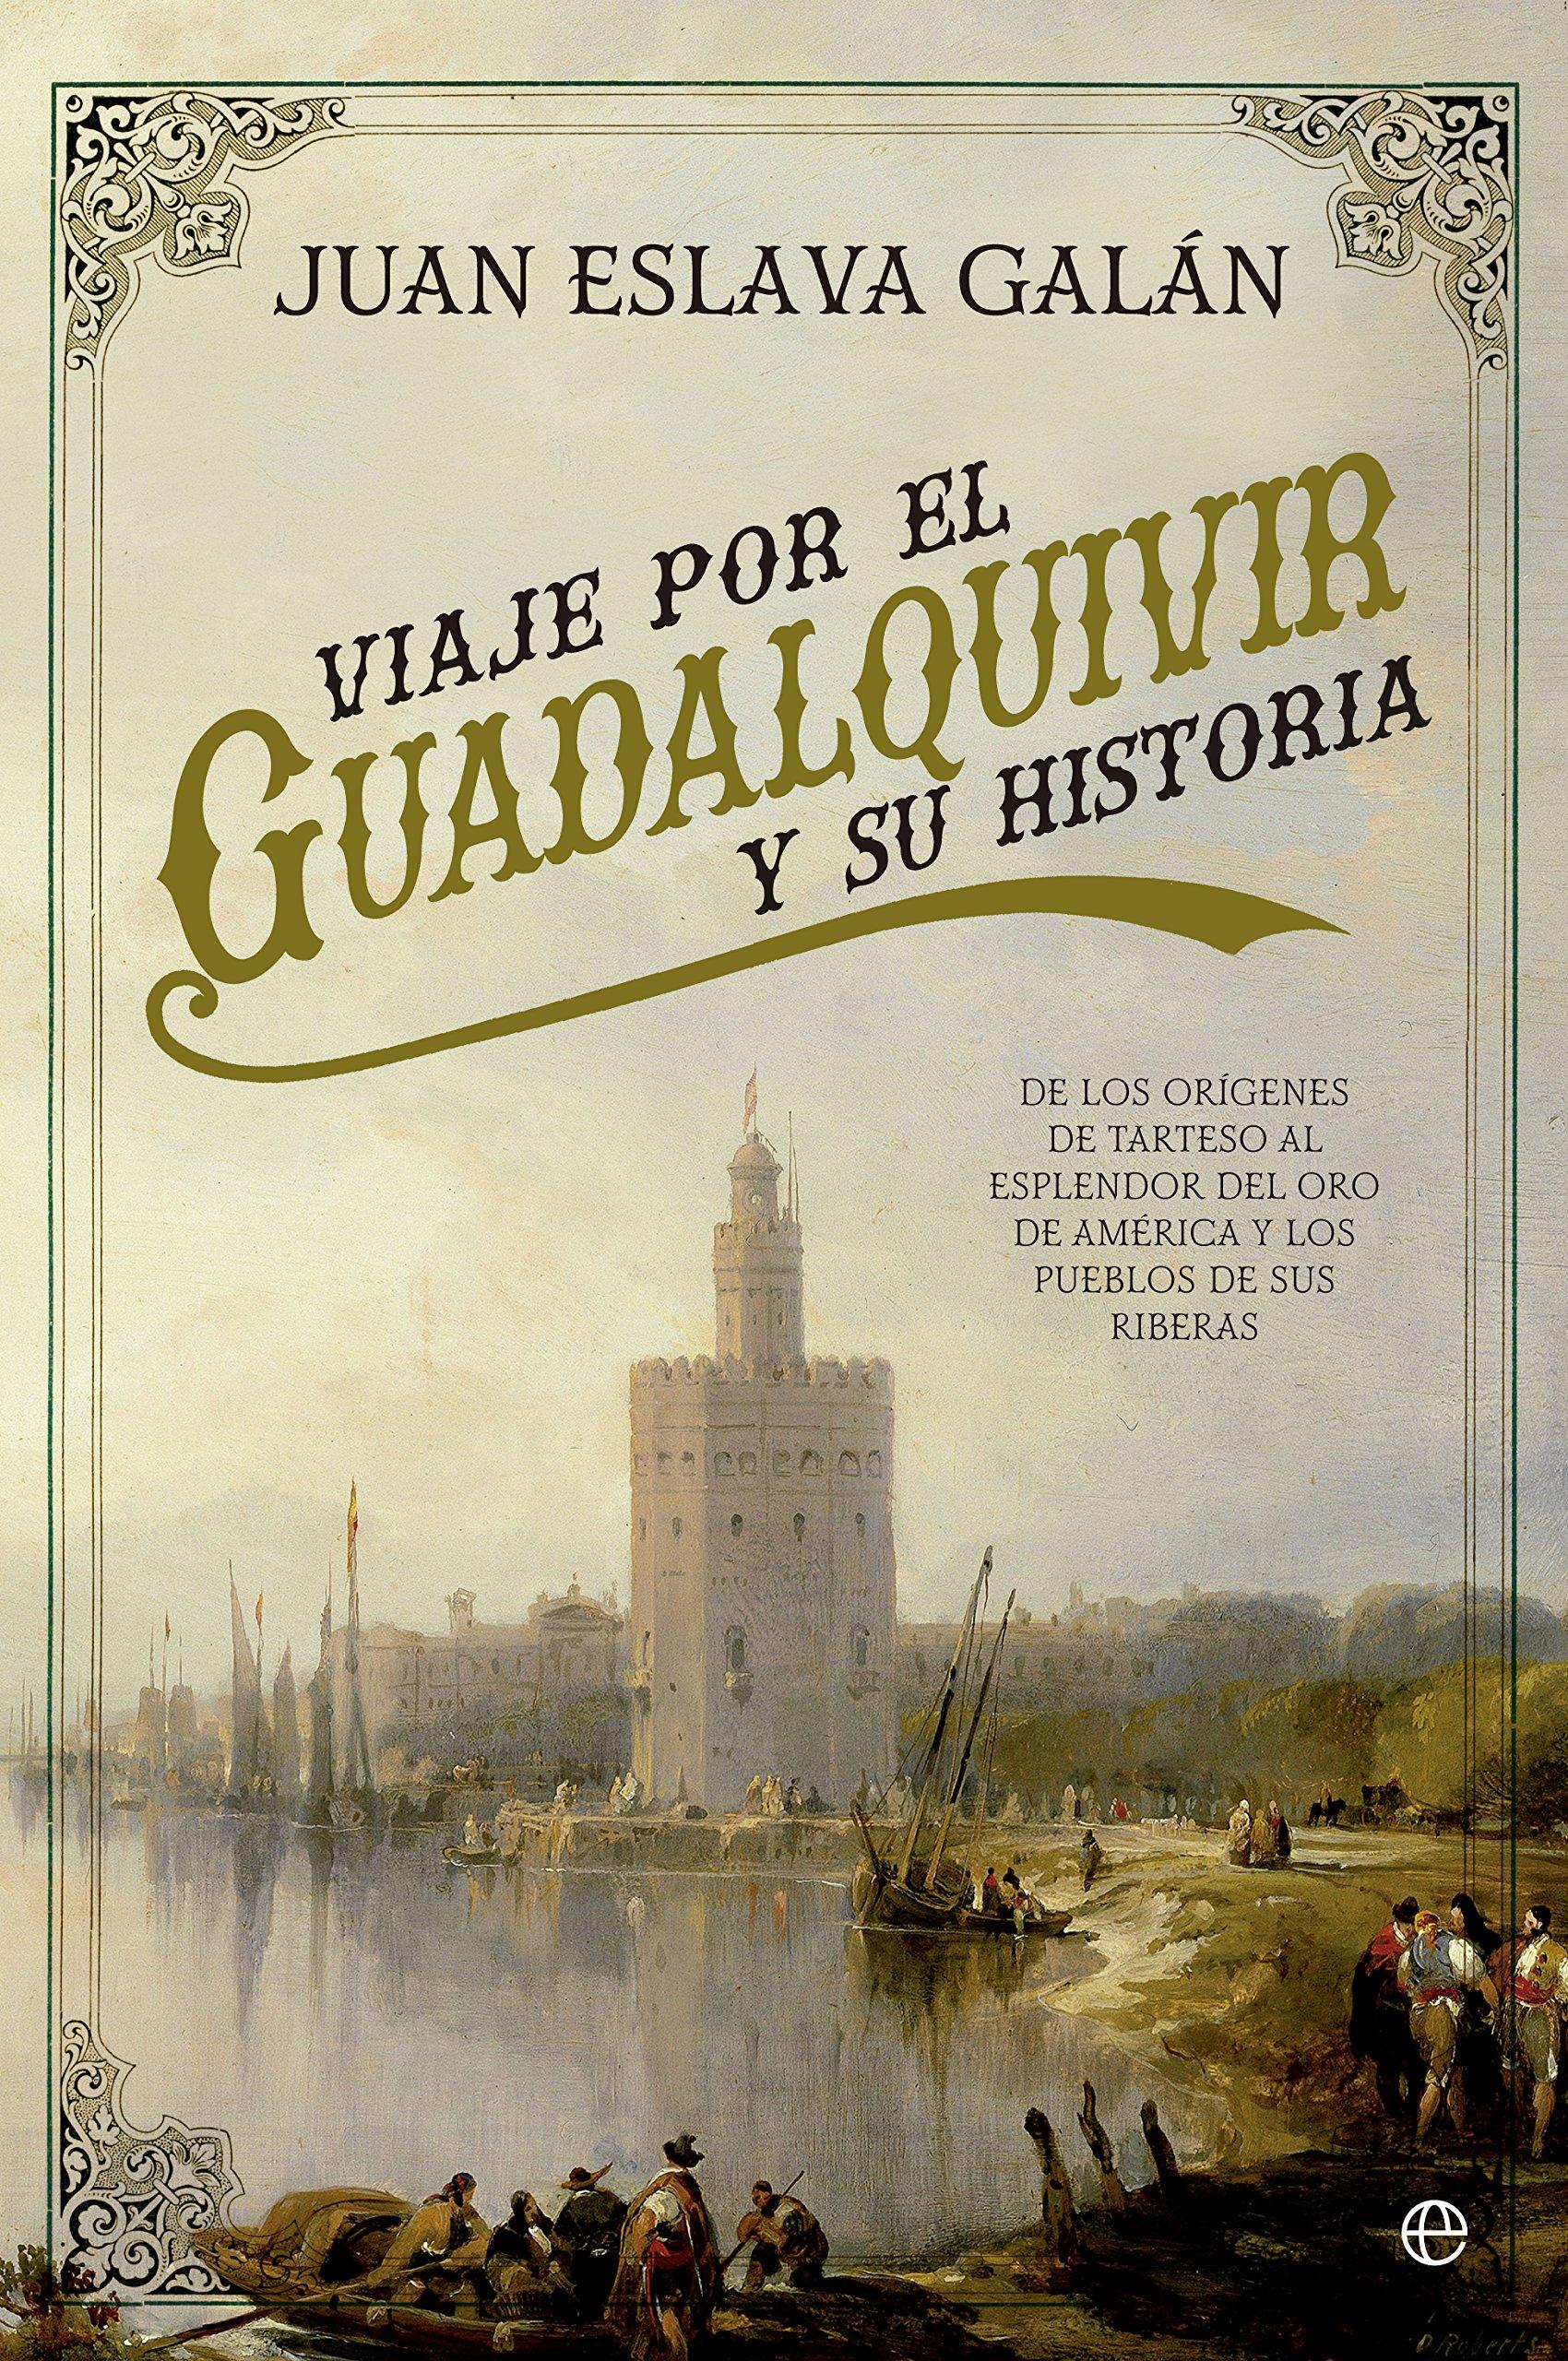 Viaje Por El Guadalquivir Y Su Historia: Amazon.es: Eslava Galán, Juan: Libros